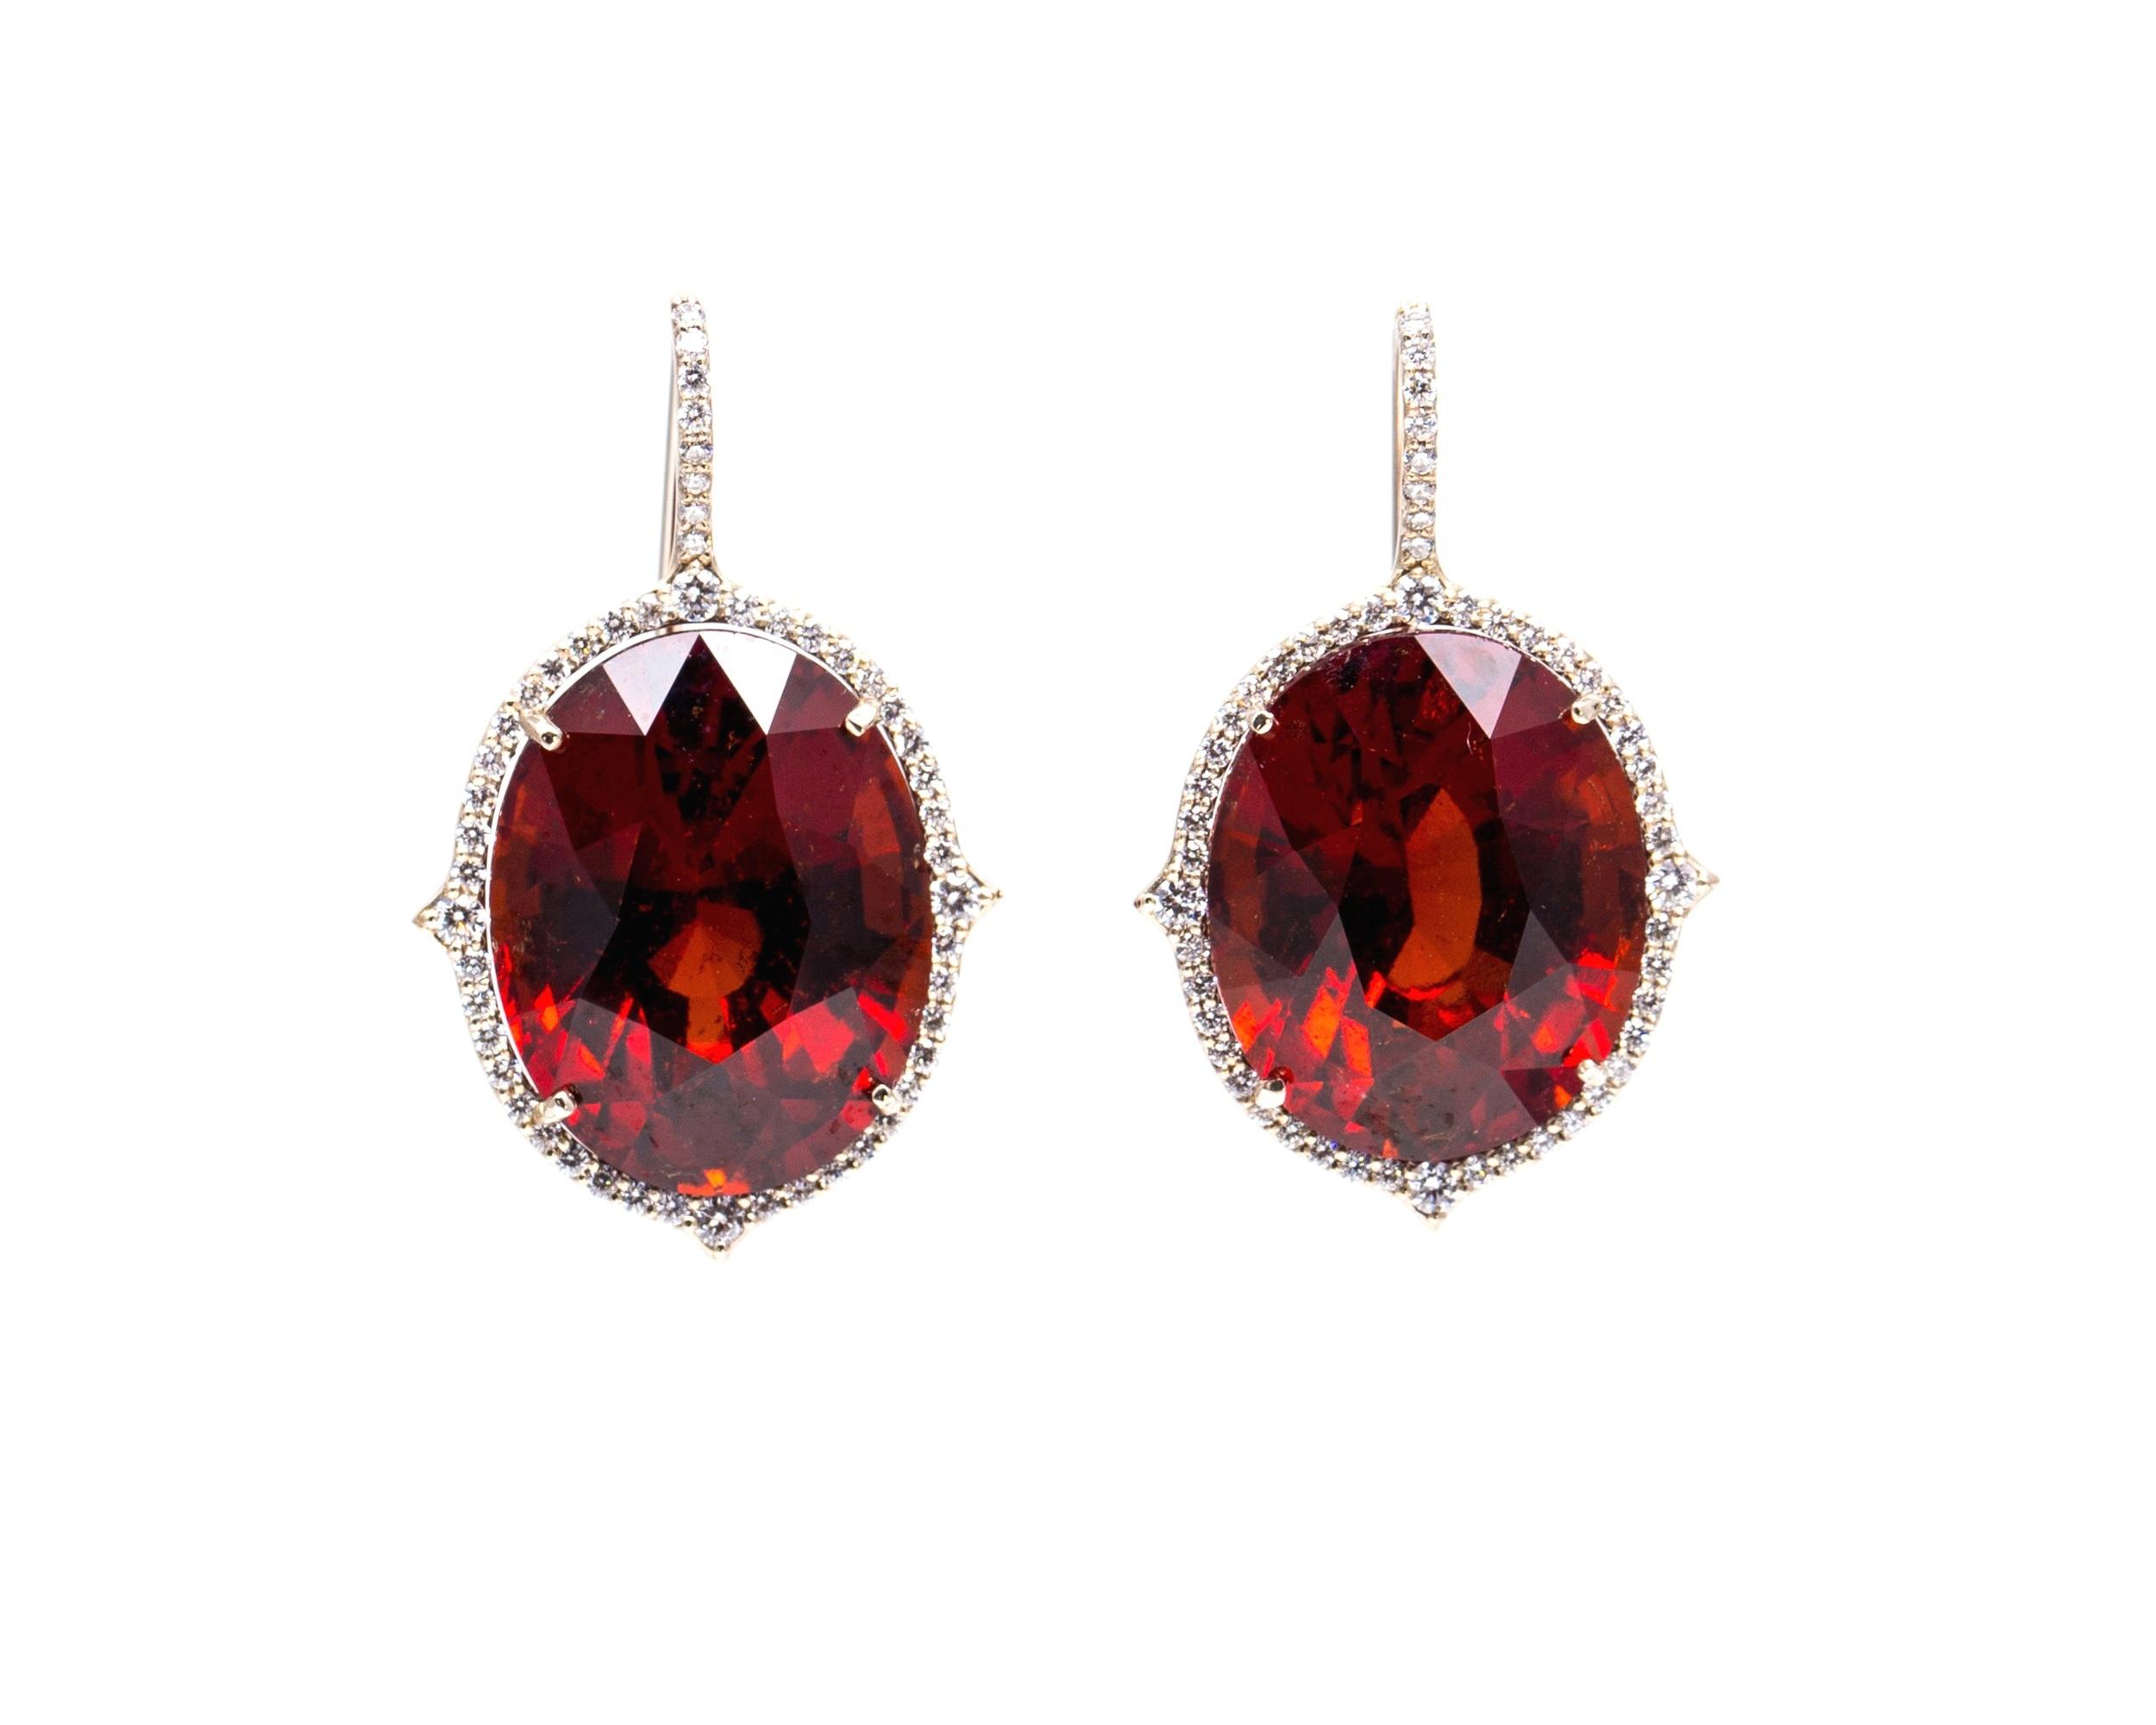 Ruby Earrings - Jewelry Appraisal